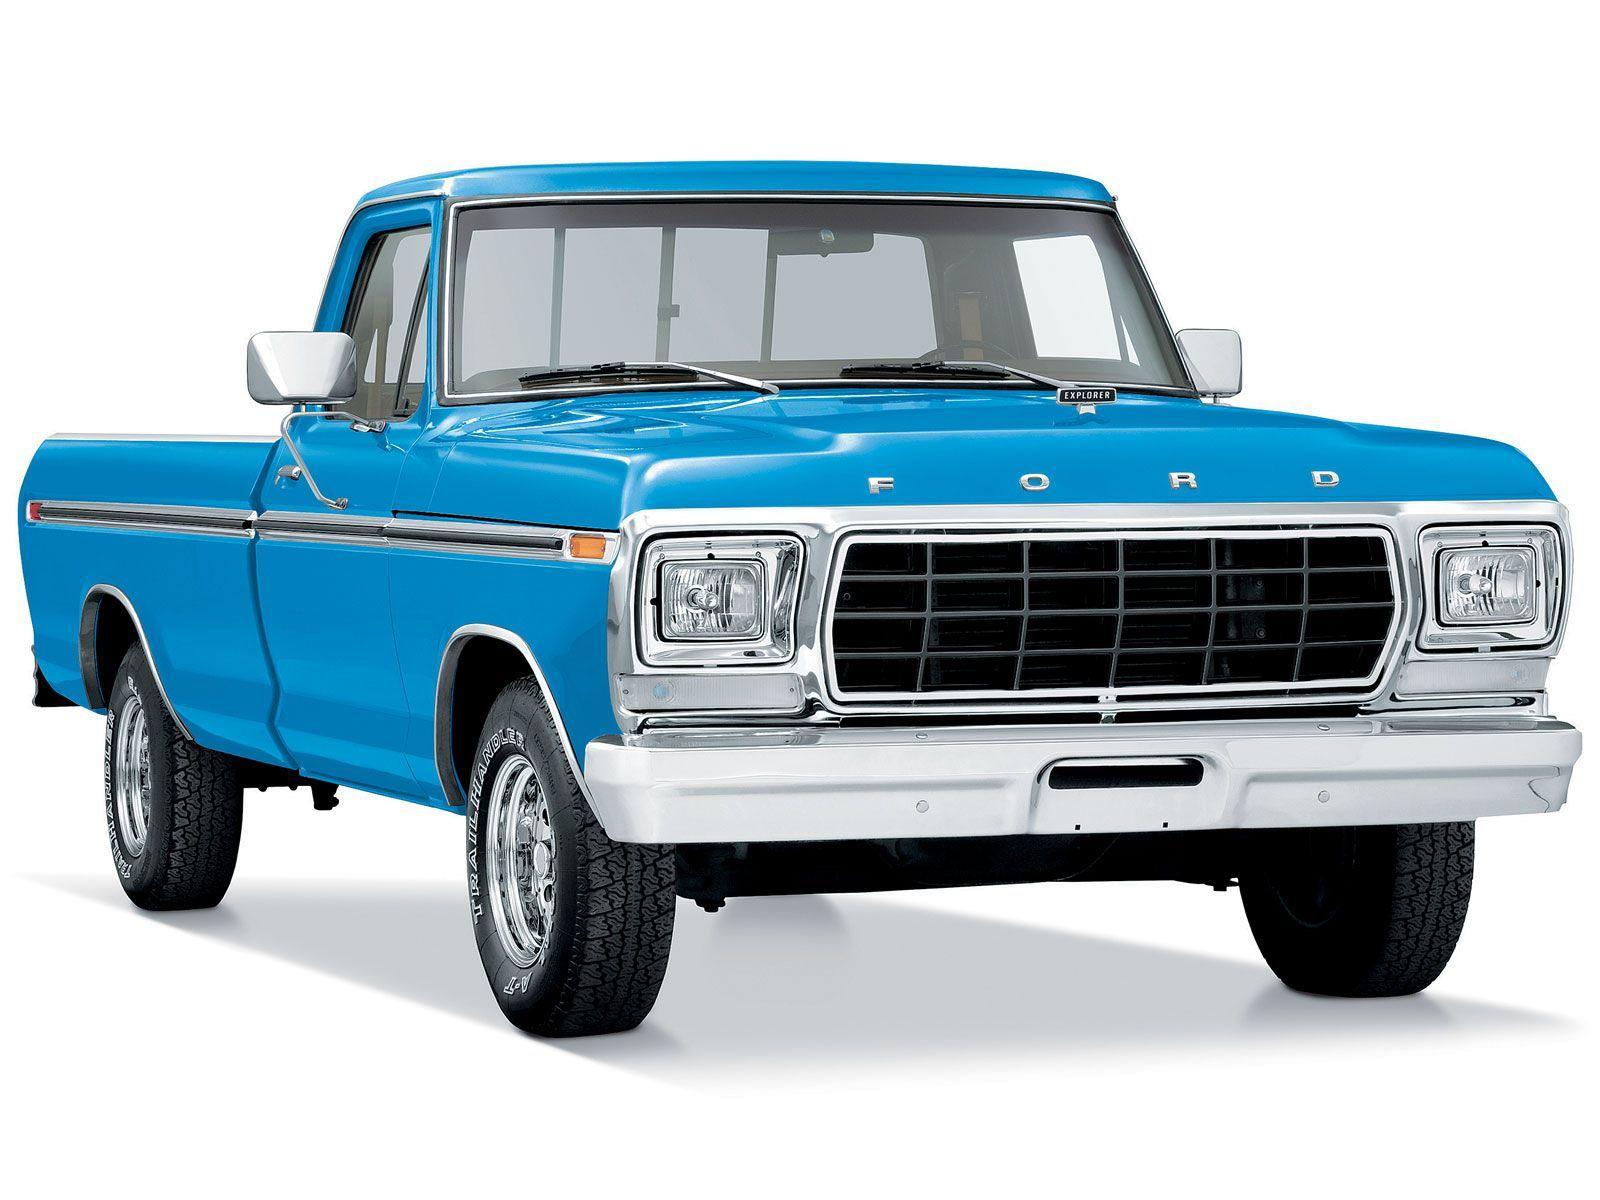 VintageFordTruck classic truck parts custom front grills